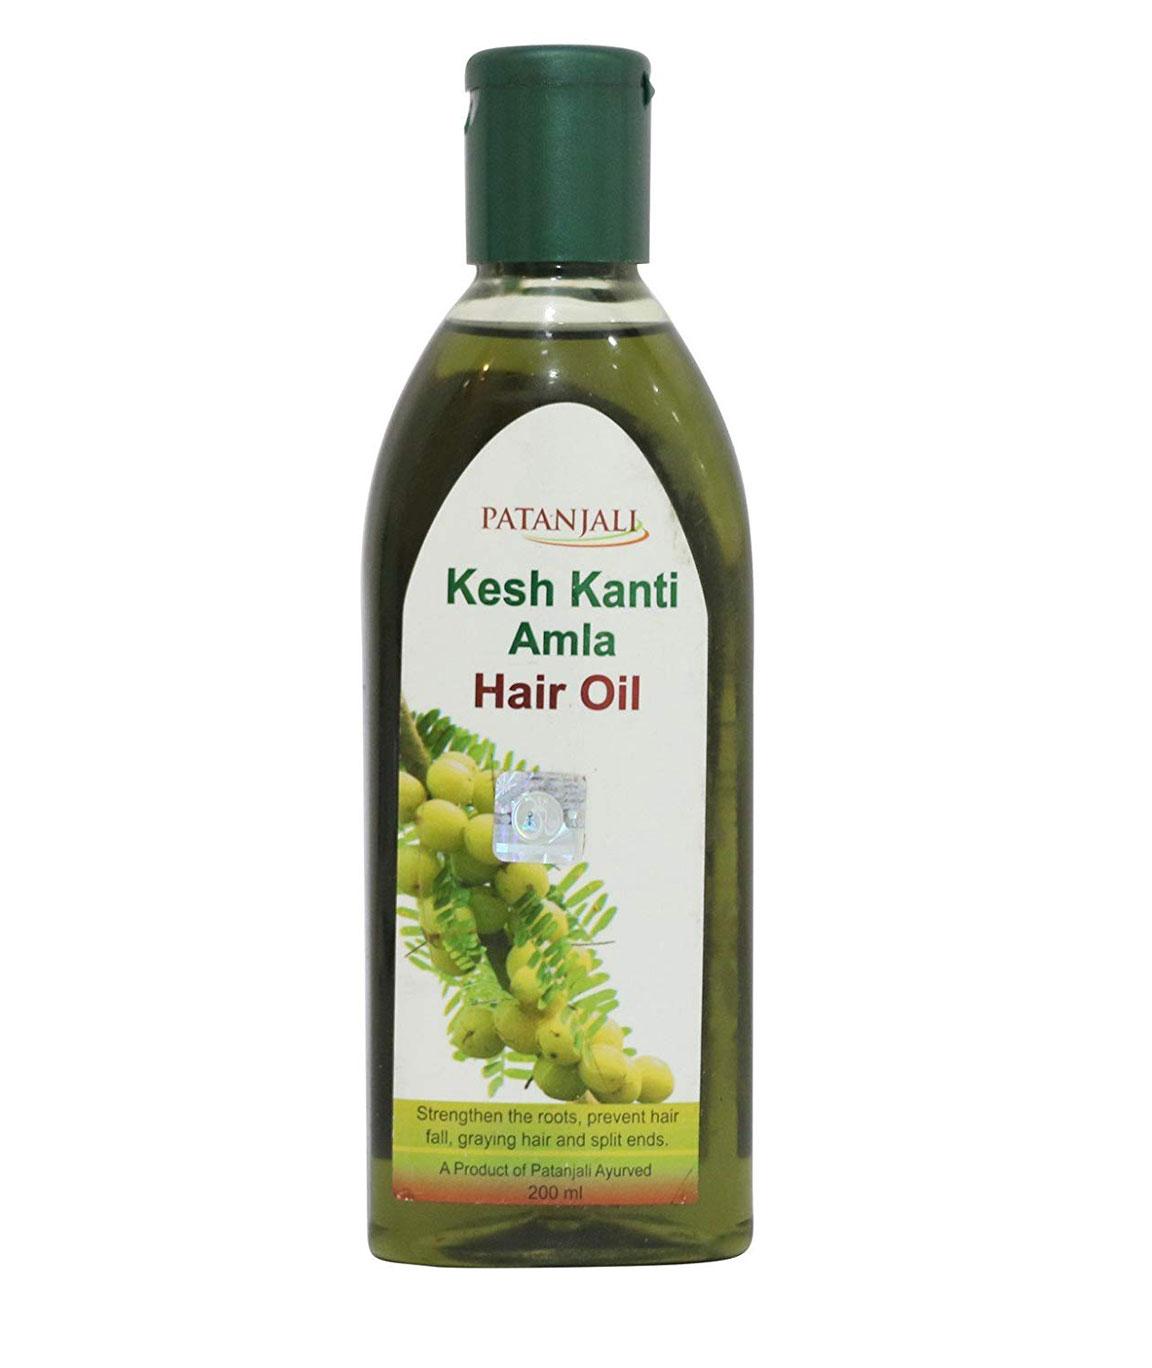 Patanjali Kesh Kanti Amla Hair Oil, 200ml